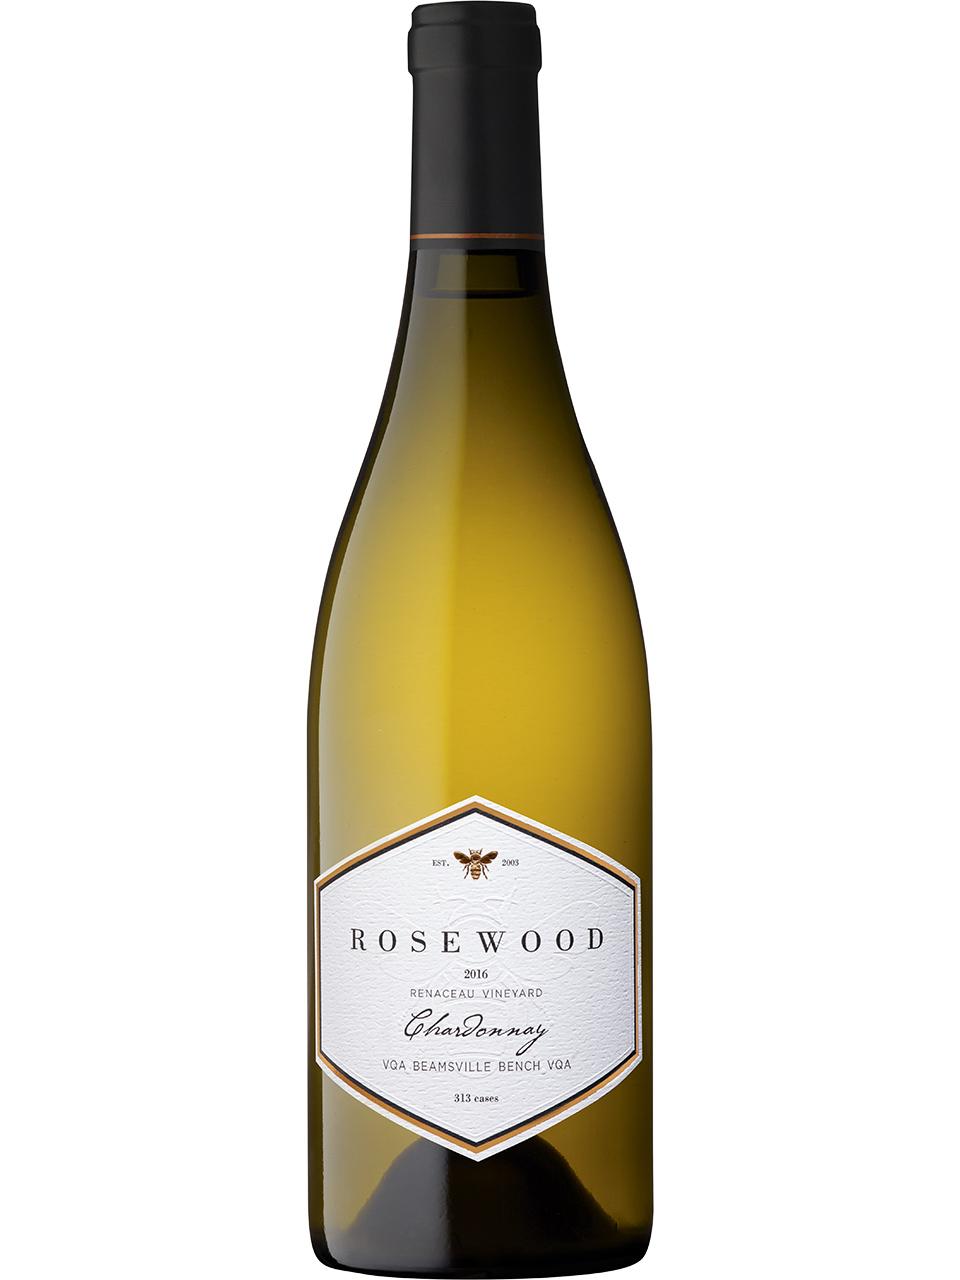 Rosewood Renaceau Chardonnay